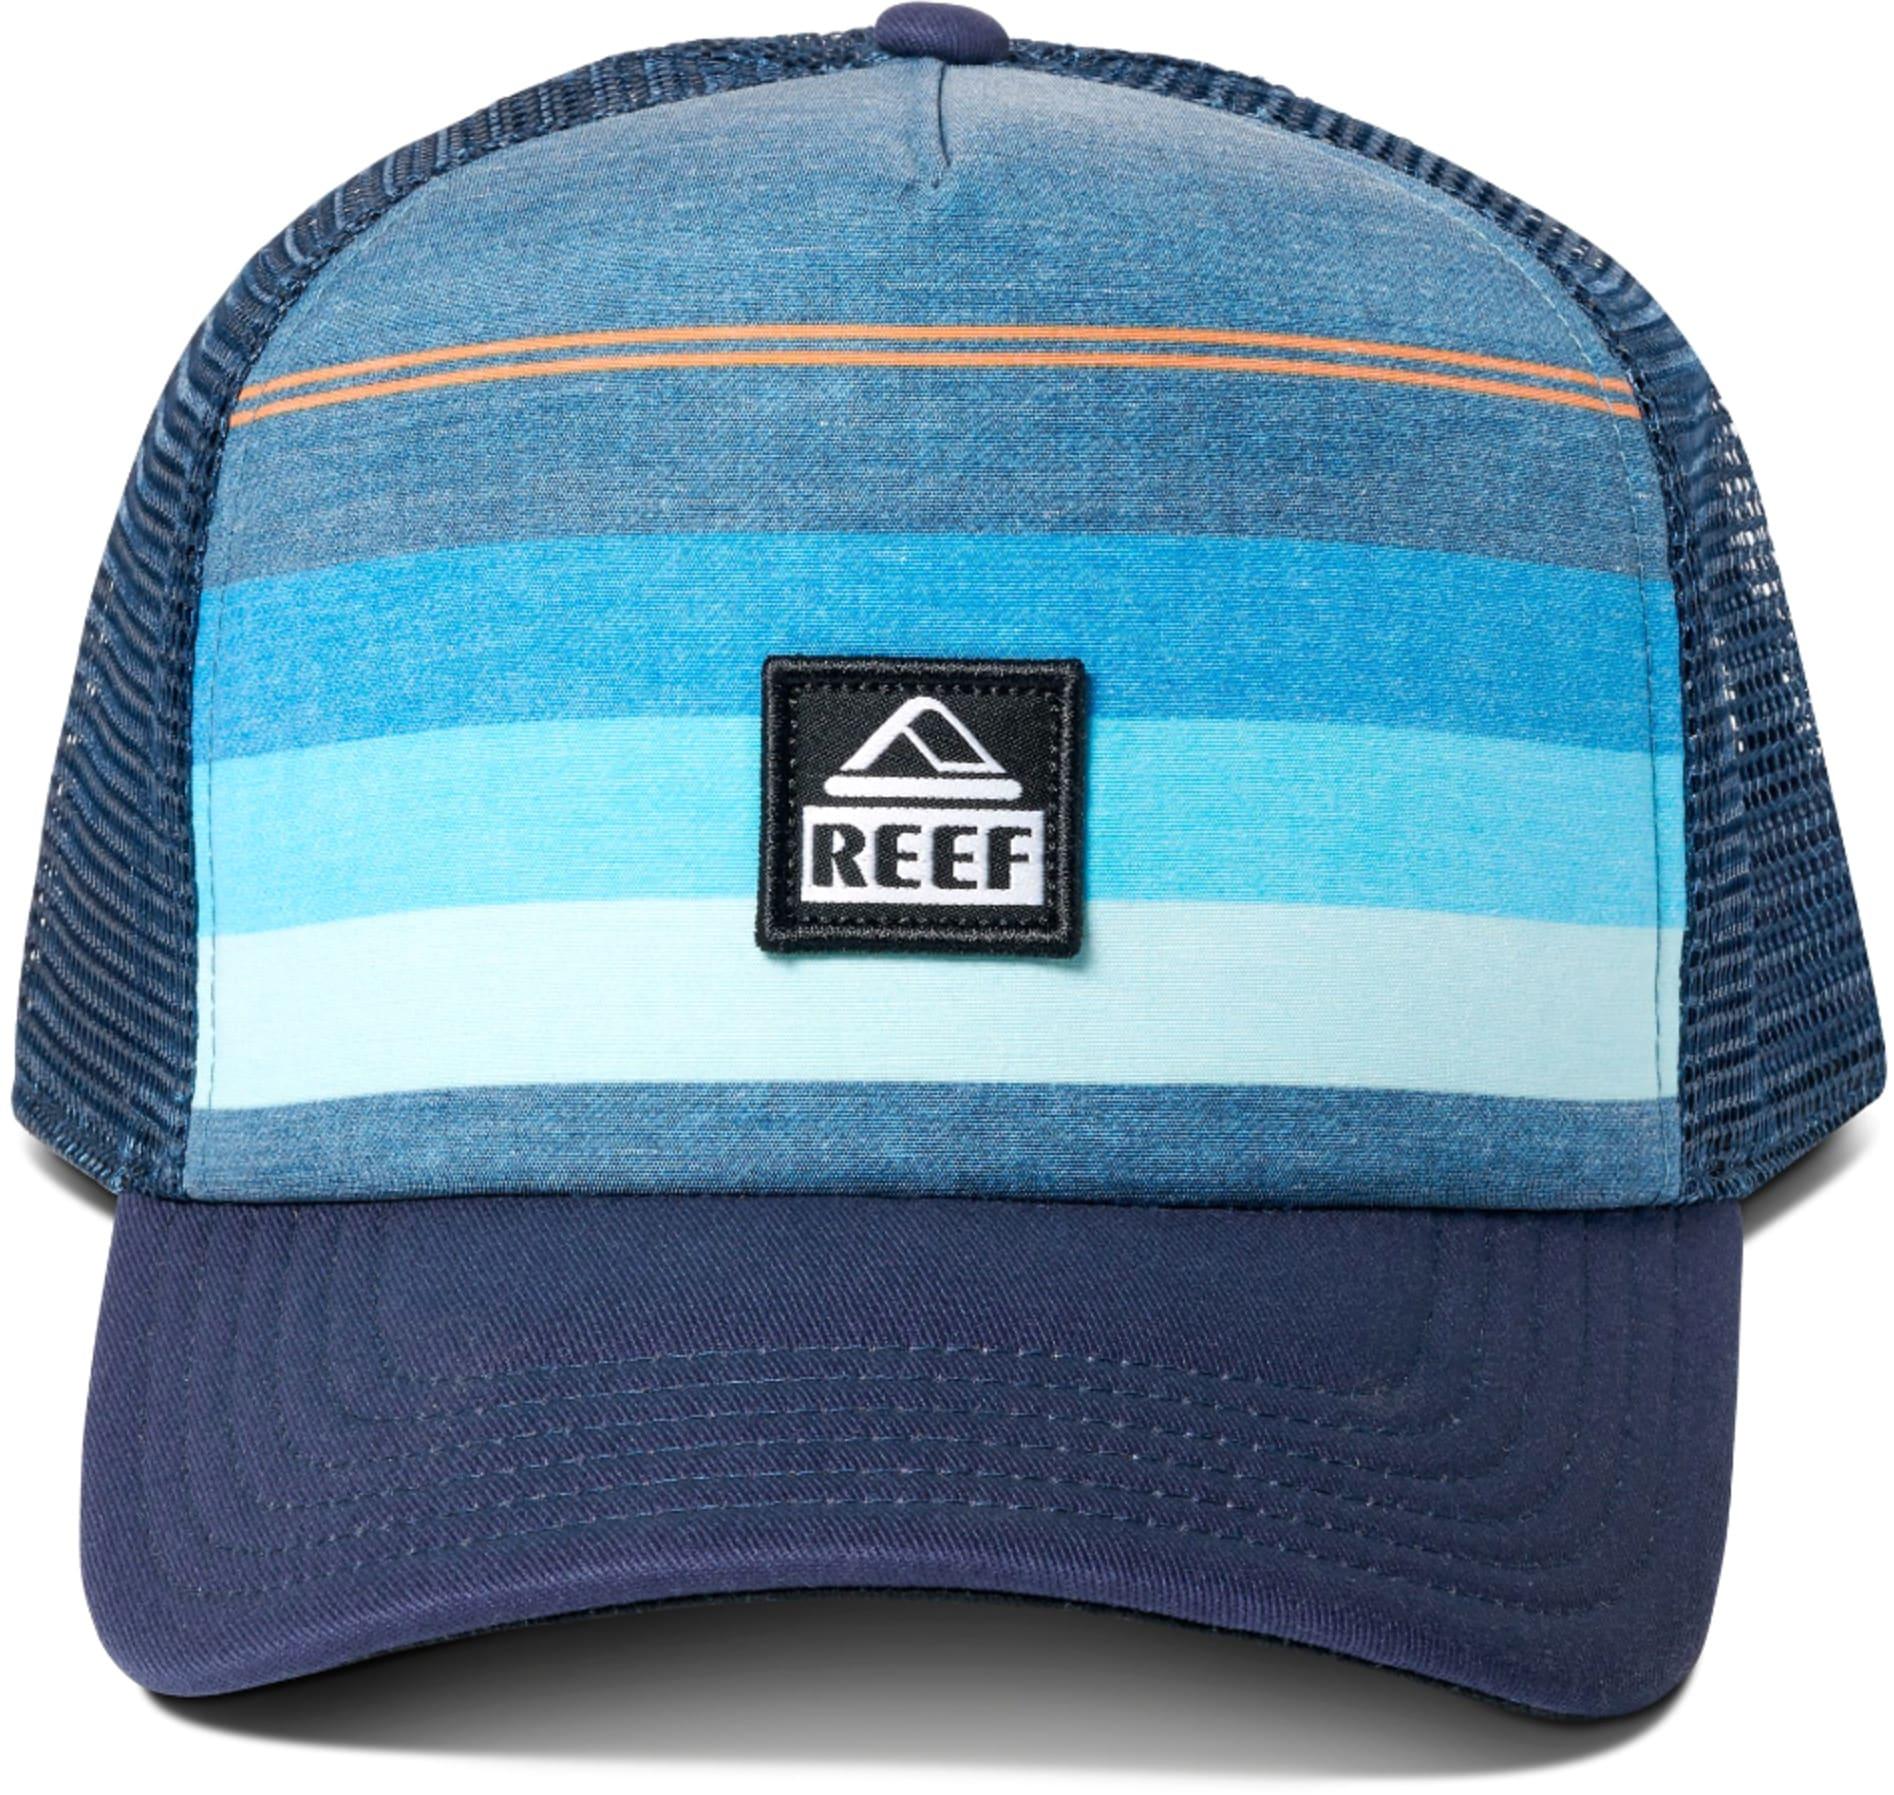 Peeler 2 Hat 2019 Reef